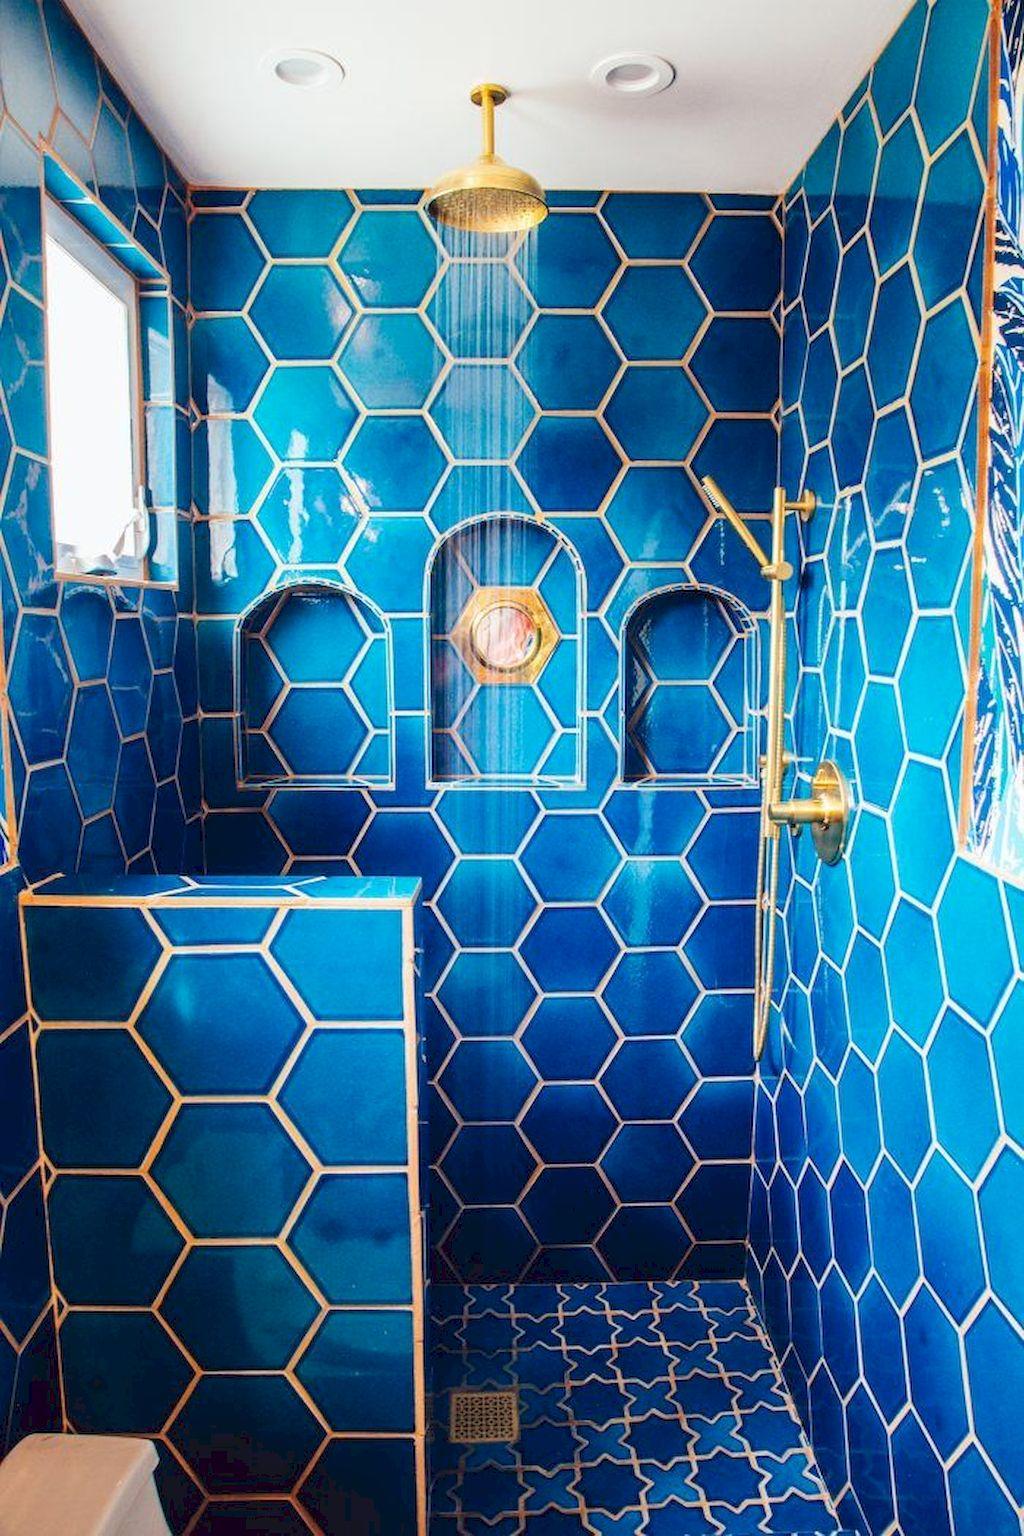 Wondrous Stylish Color Scheme For Your Bathroom